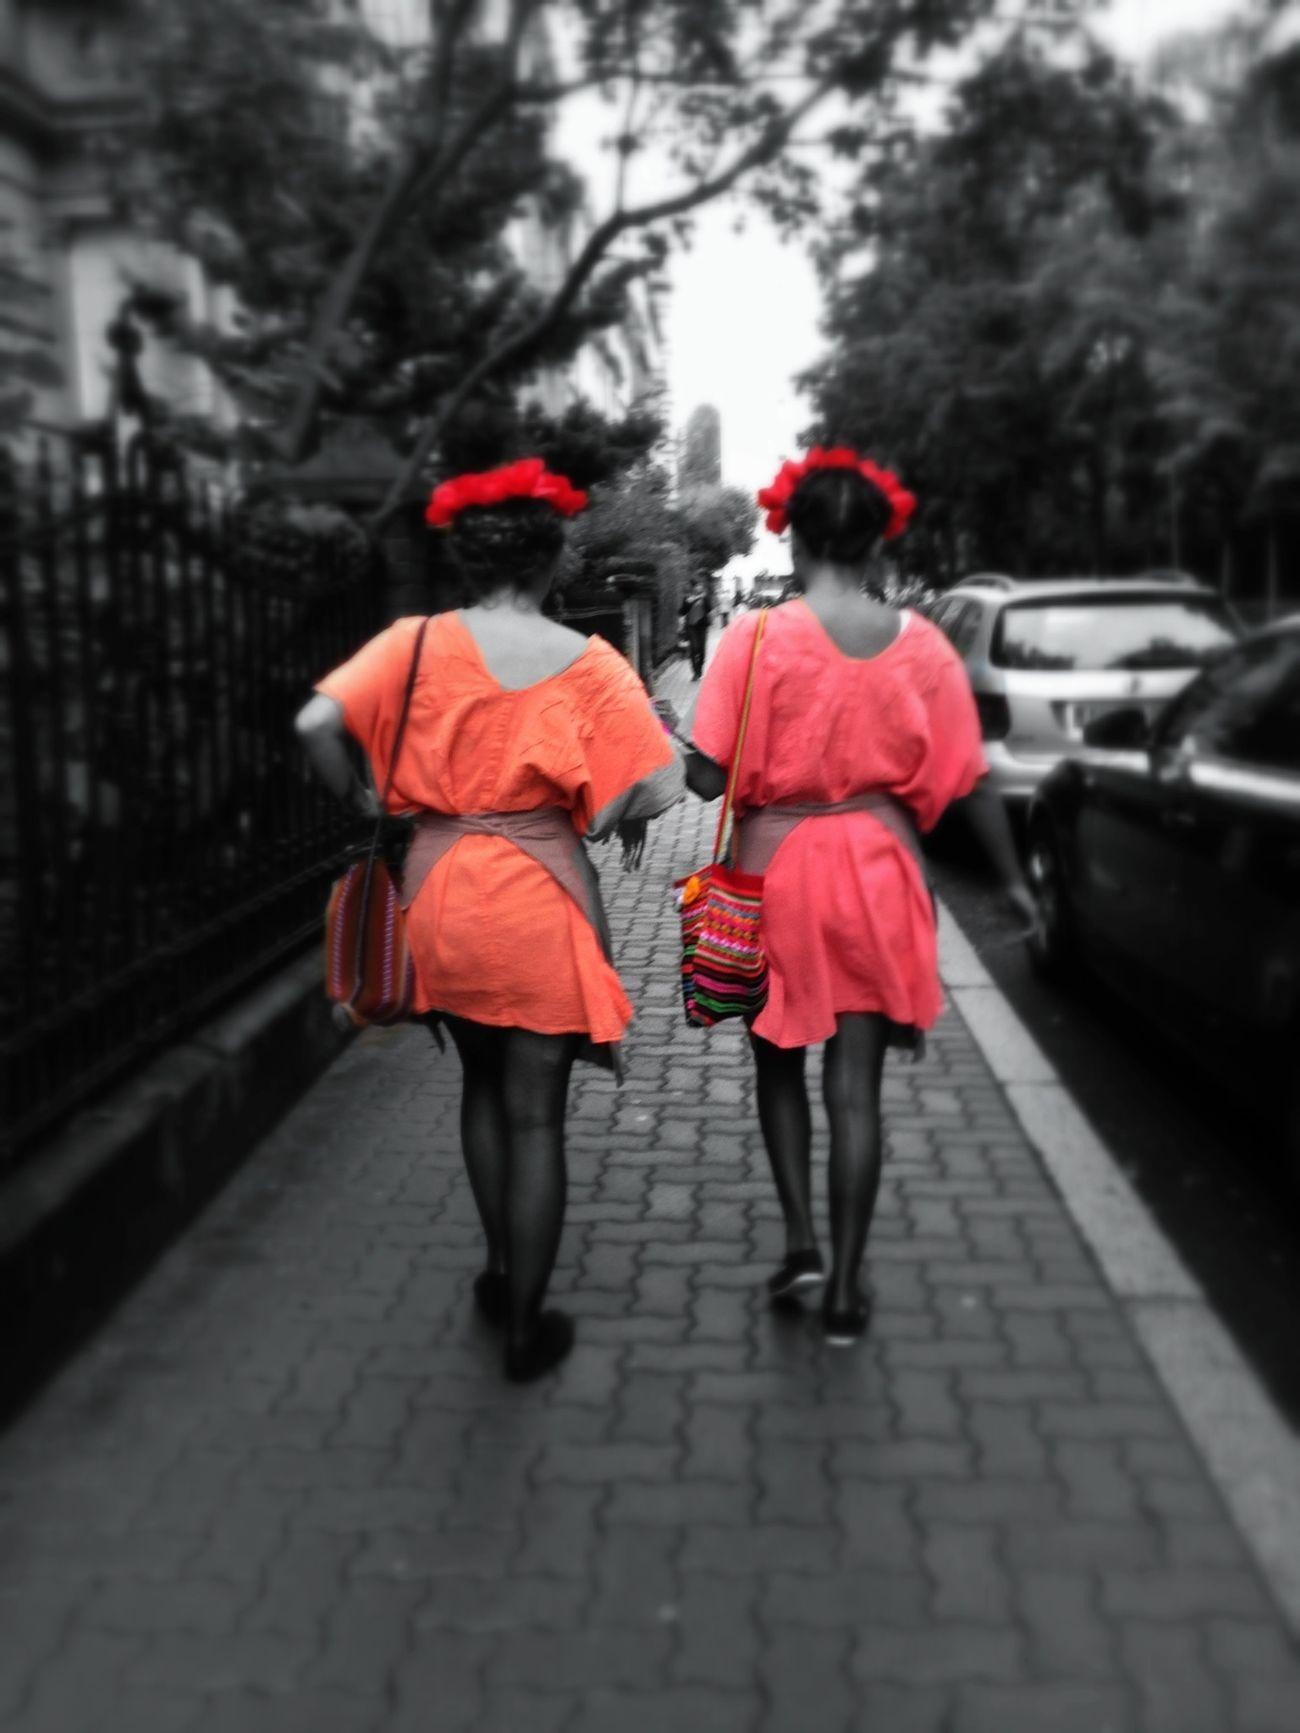 """Festival Européen du film fantastique à Strasbourg ... Tous les ados en route pour la """"zombie walk"""" dans de bien étranges costumes ! Blackandwhite Colorsplash Bnw"""